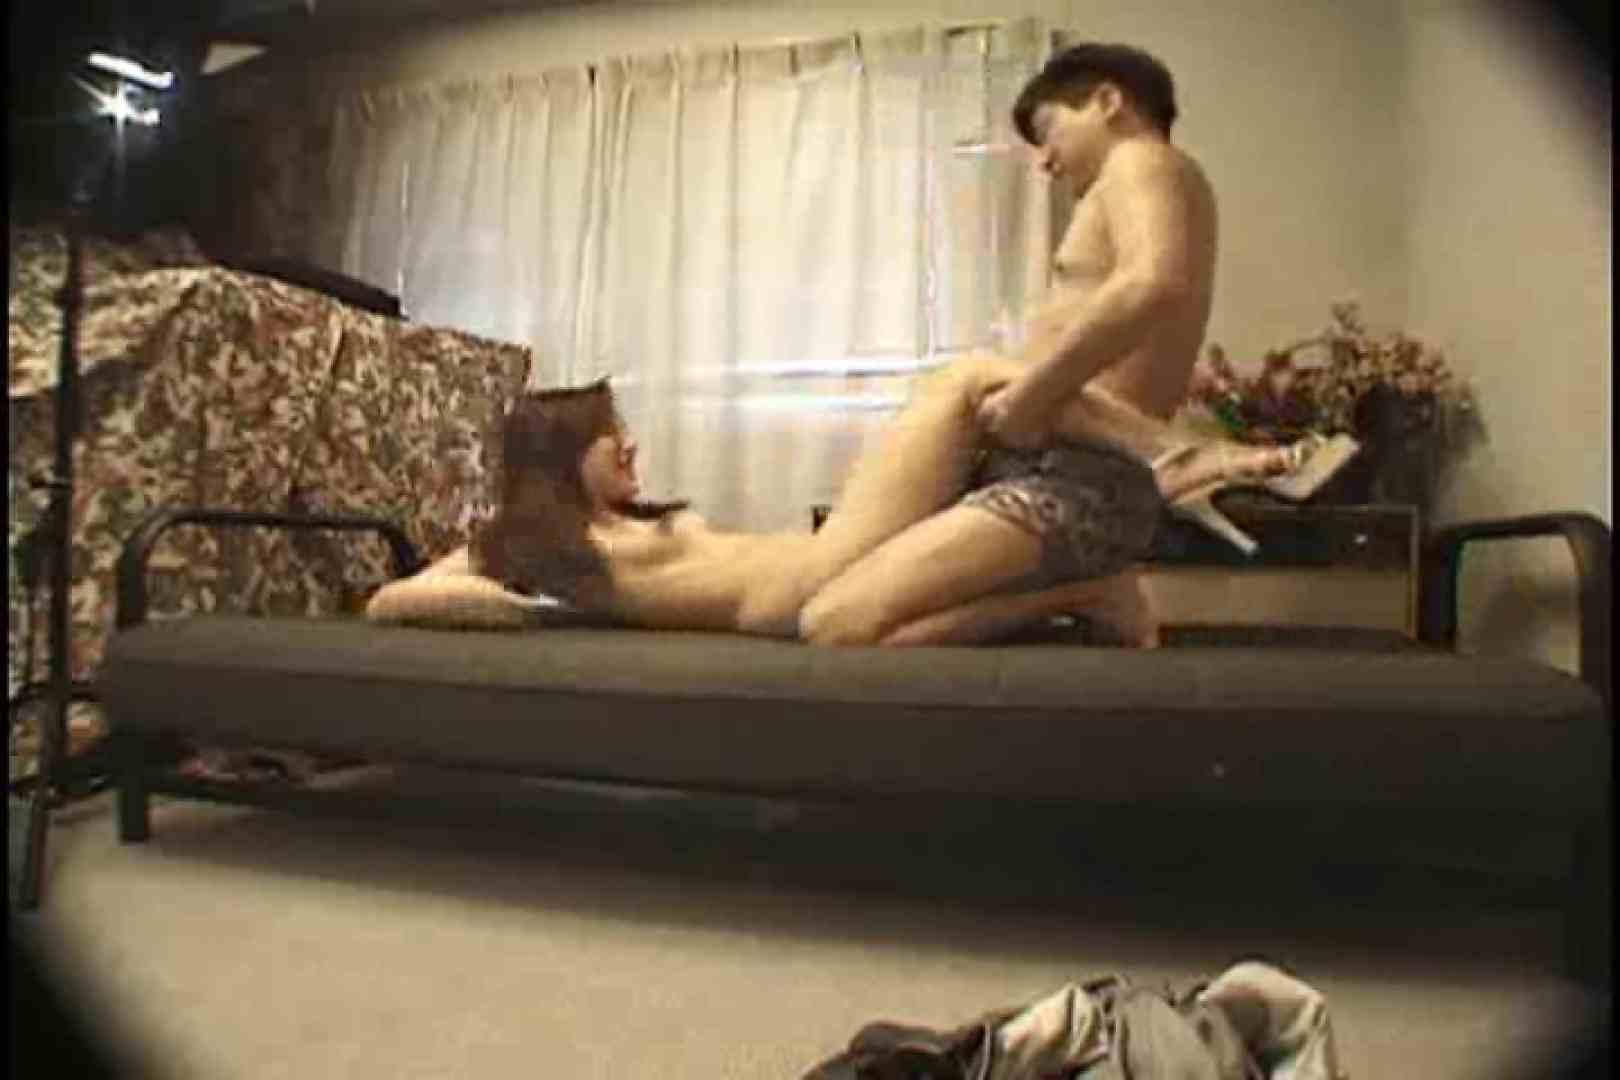 素人嬢126人のハメ撮り 竹之内歩美 モデル | 手マン  75pic 61